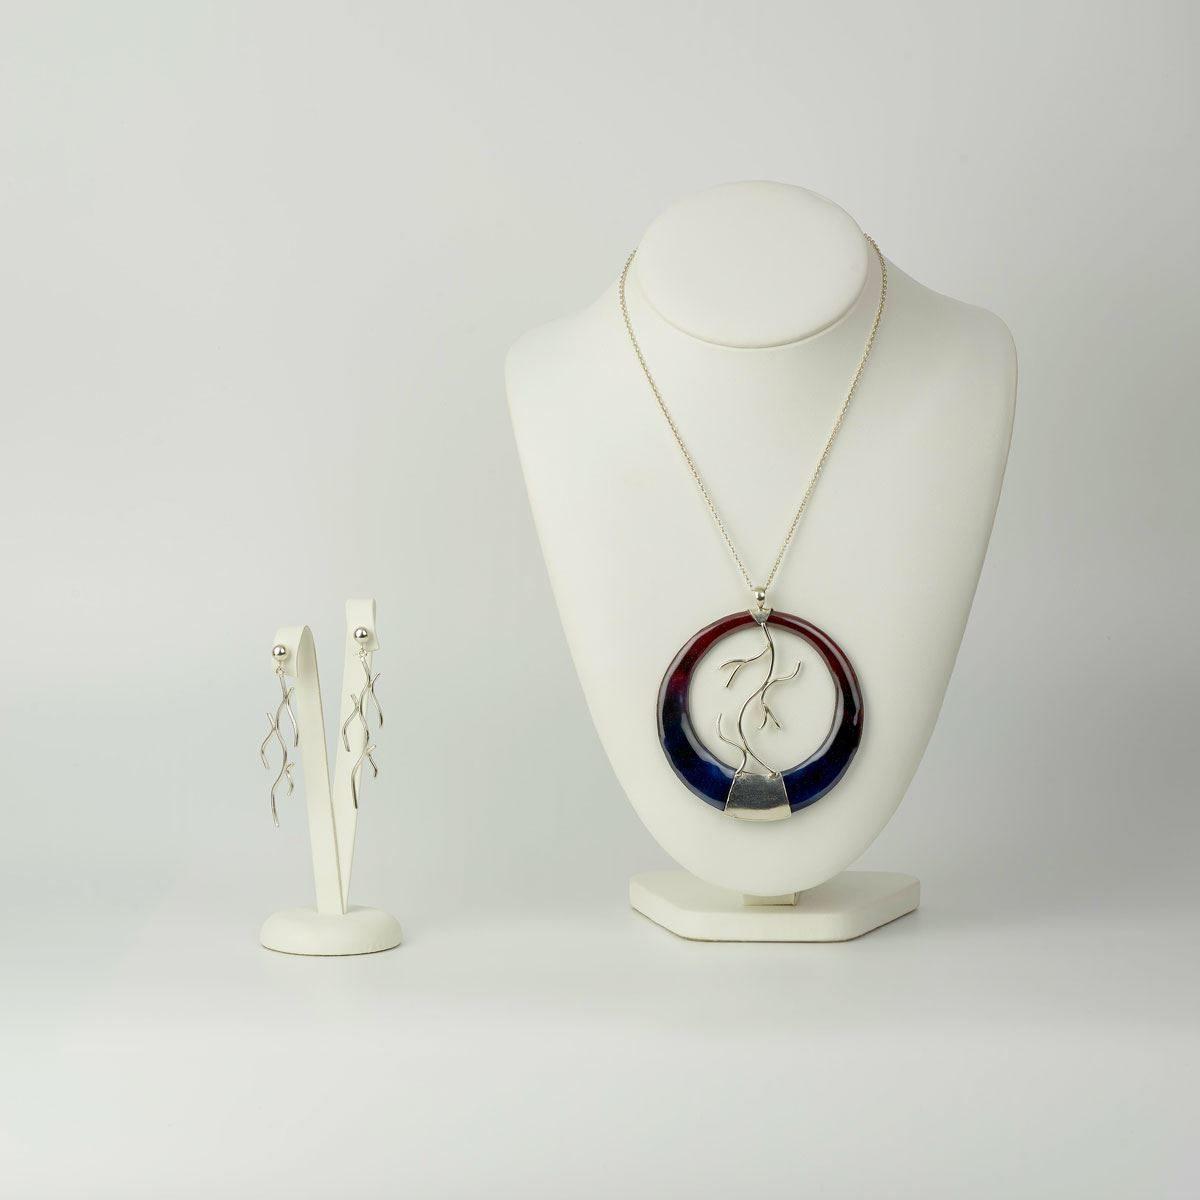 Conjunto diseño modelo Lareira, plata y esmalte al fuego, Joyas Siliva